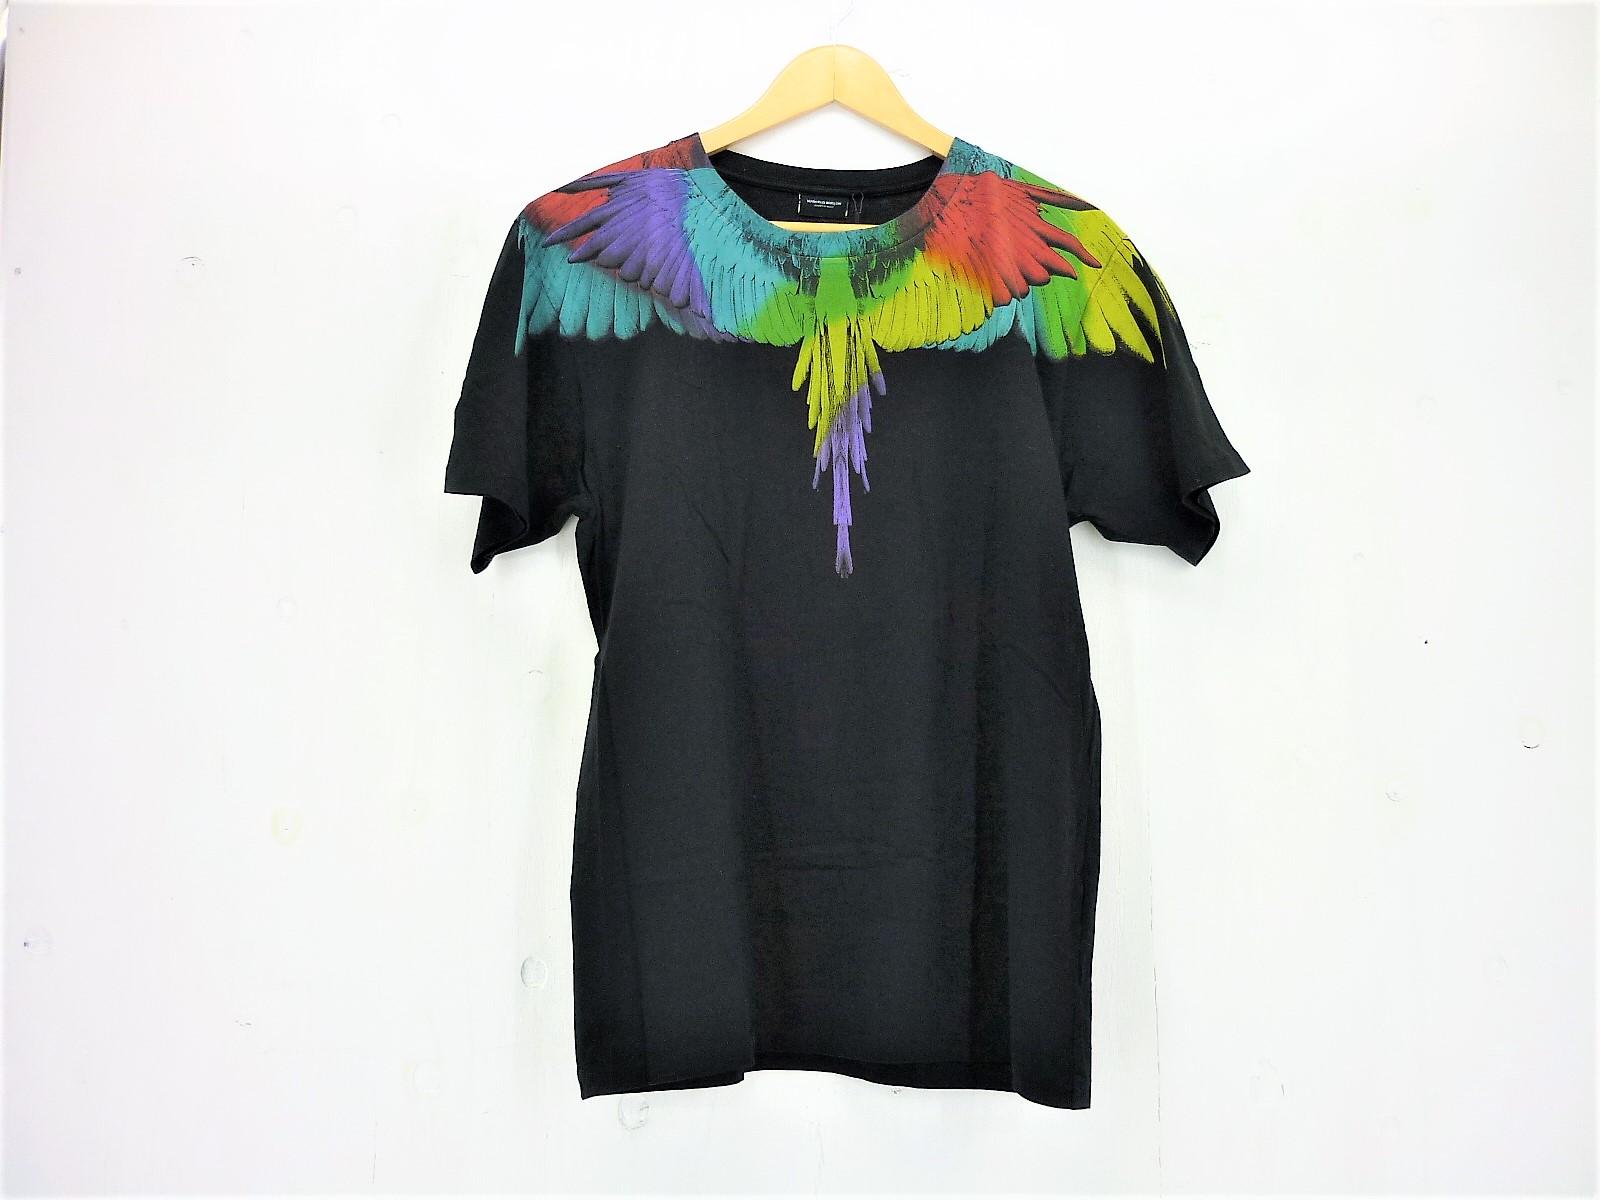 値下げしました MARCELO BURLON フェザープリント Tシャツ S/S size:XS マルセロバーロン タグ有 ブラック